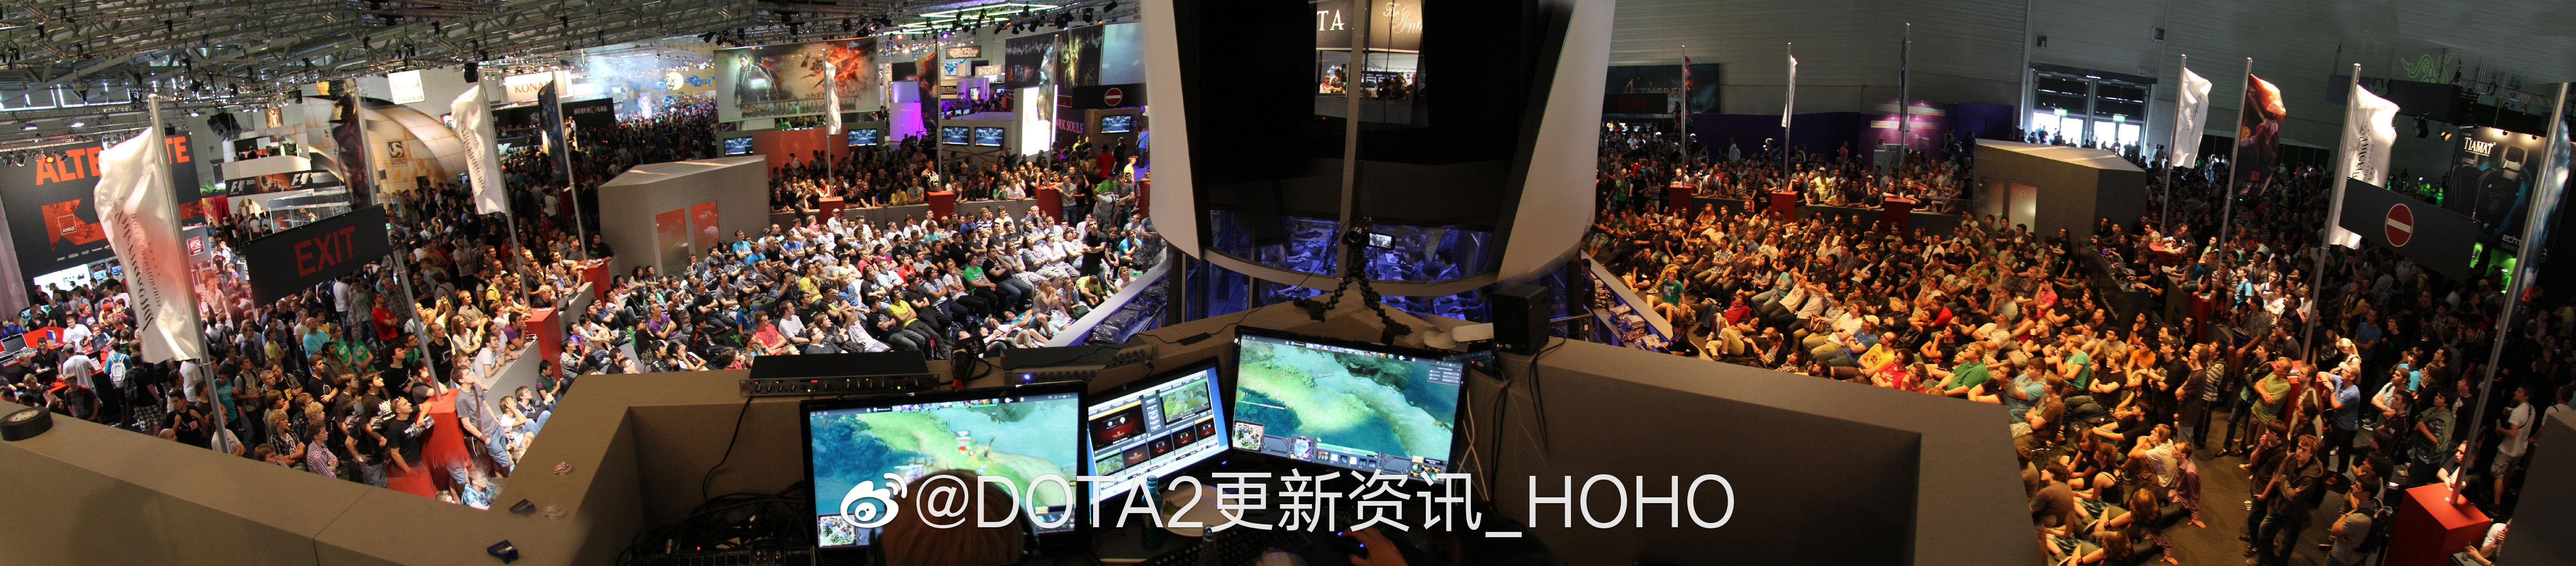 中国队加油!《DOTA2》TI9 18支参赛队伍现已全部产生